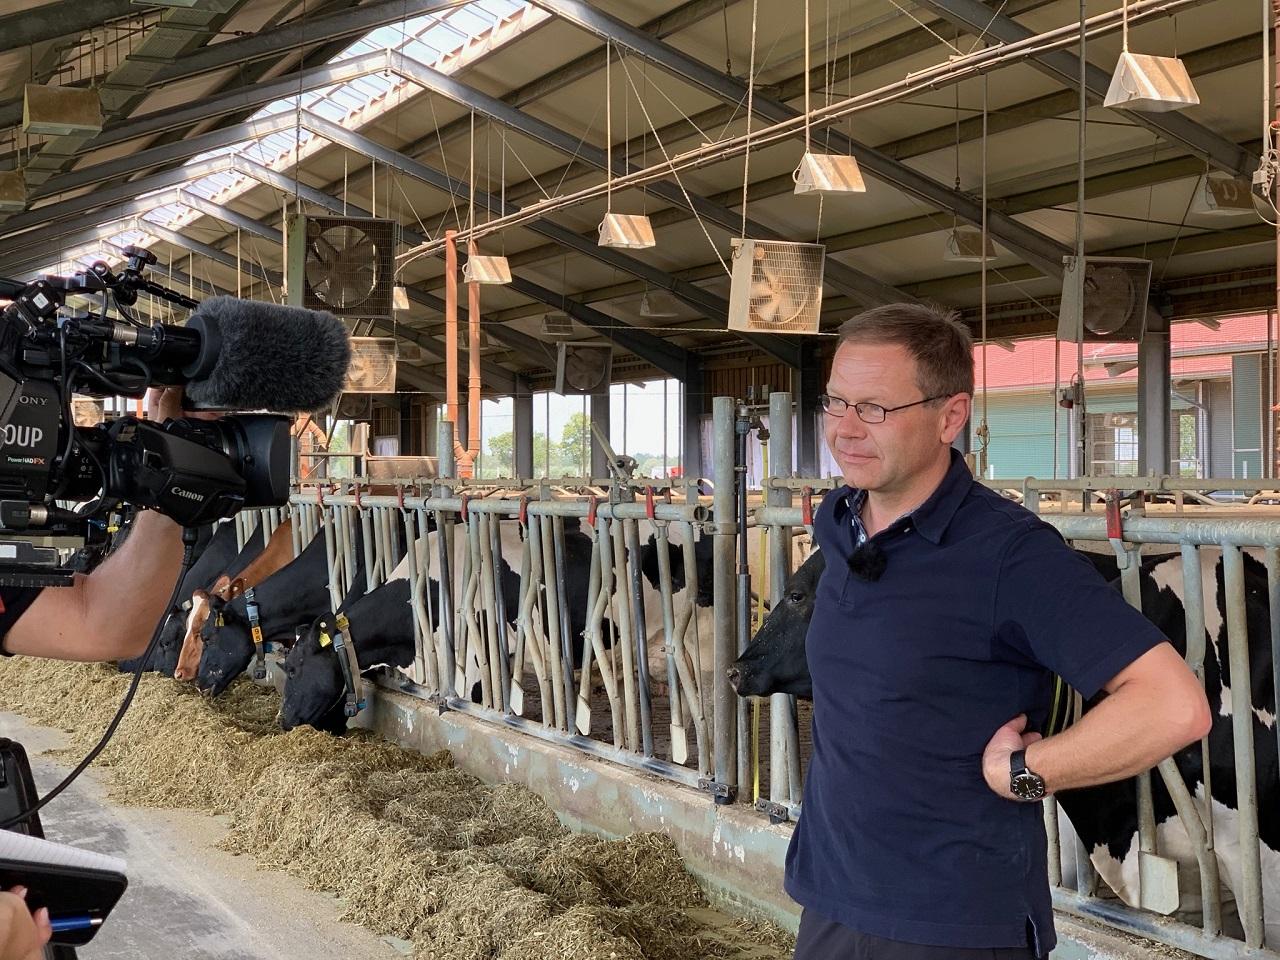 Випробувано Agroexpertом - Побачити світ очима корови